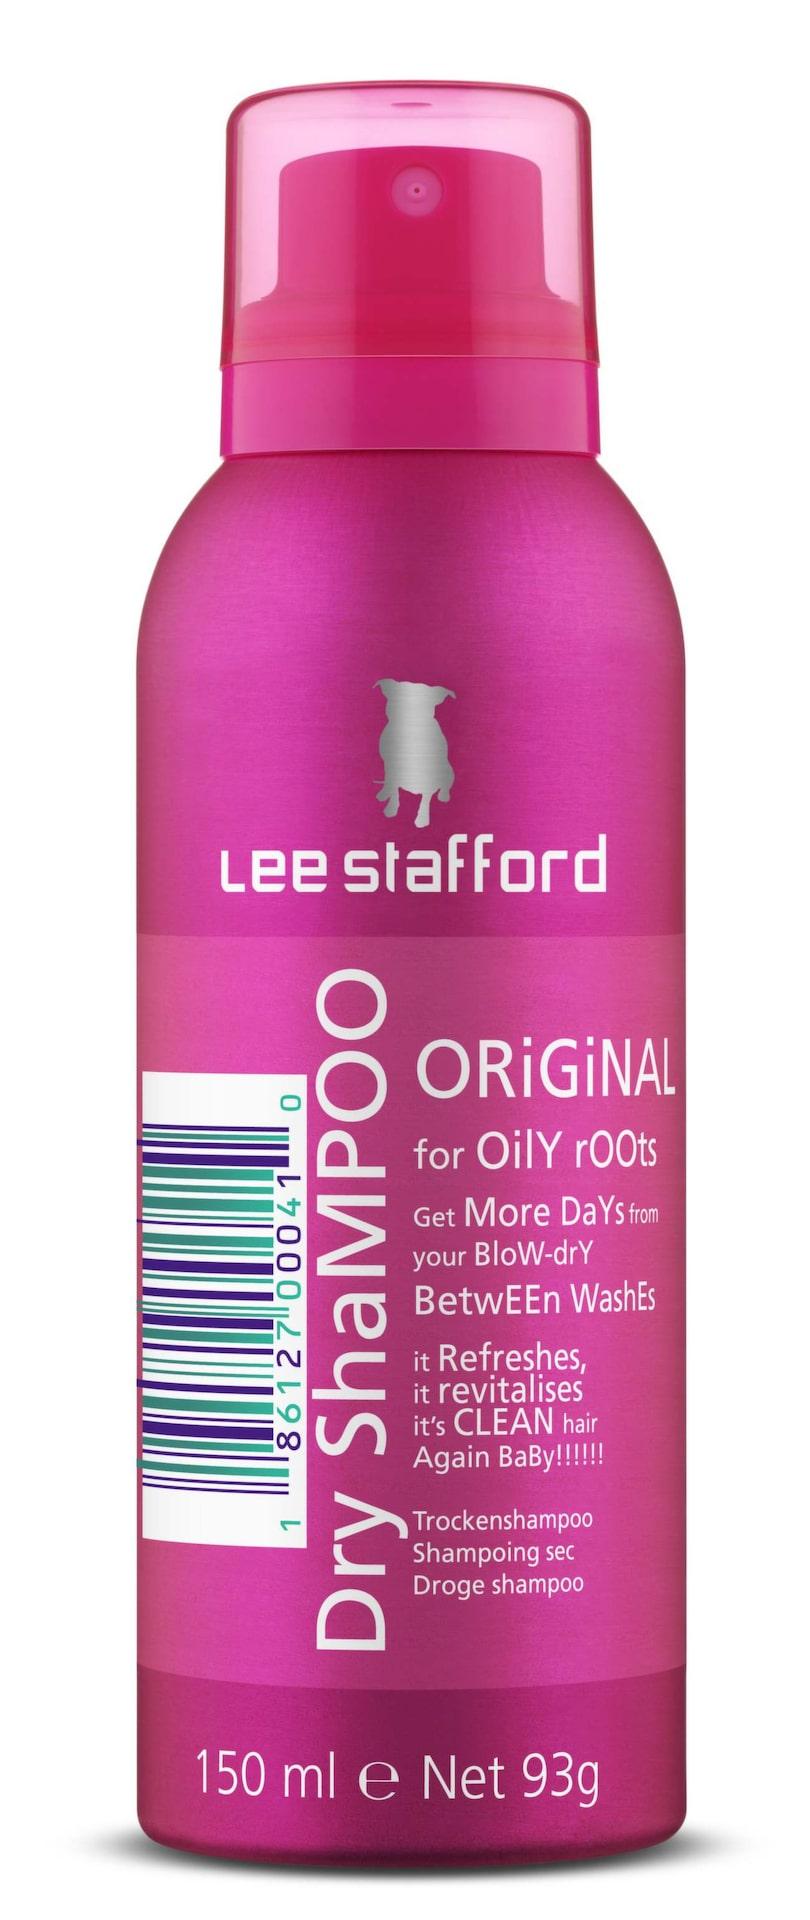 Lee Stafford, Dry Shampoo Original, 150 ml, 79 kronor.Torrschampo formulerat för att öka livslängden på redan stylat hår, lovar att ta bort fett från hårbotten. Ett torrschampo som gör sitt jobb, perfekt att använda mellan tvättarna. Minus för den starka doften.